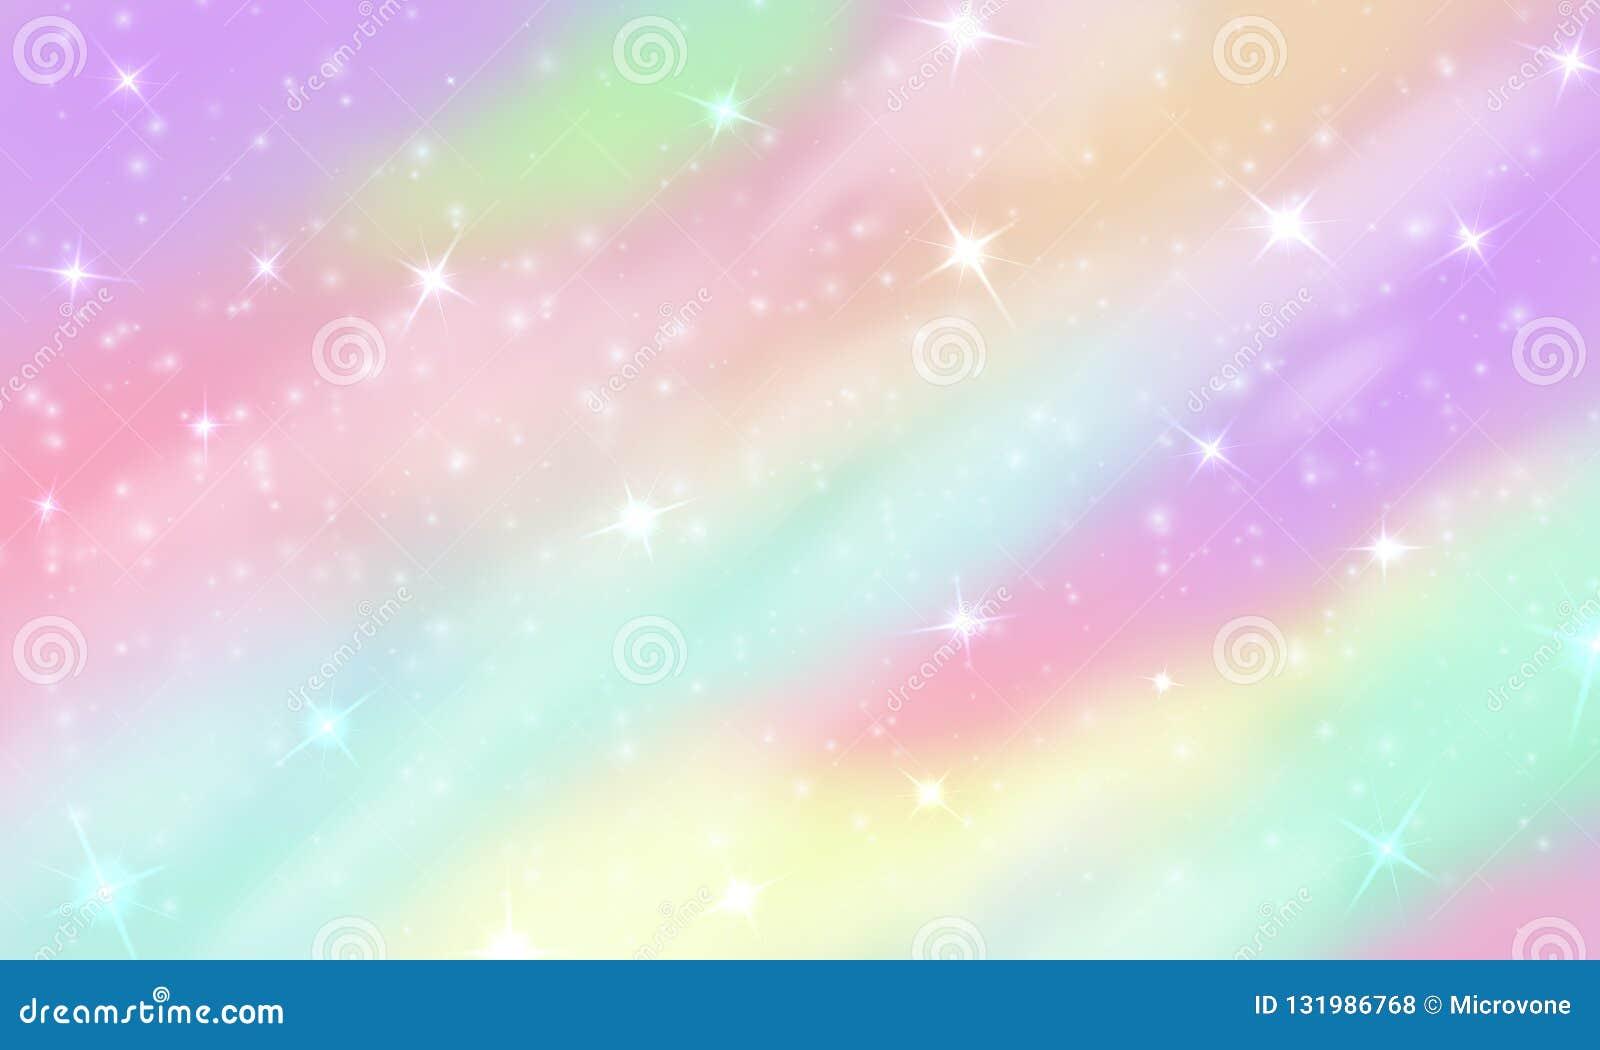 彩虹独角兽背景 在淡色的美人鱼闪烁的星系与星bokeh 不可思议的桃红色全息照相的传染媒介